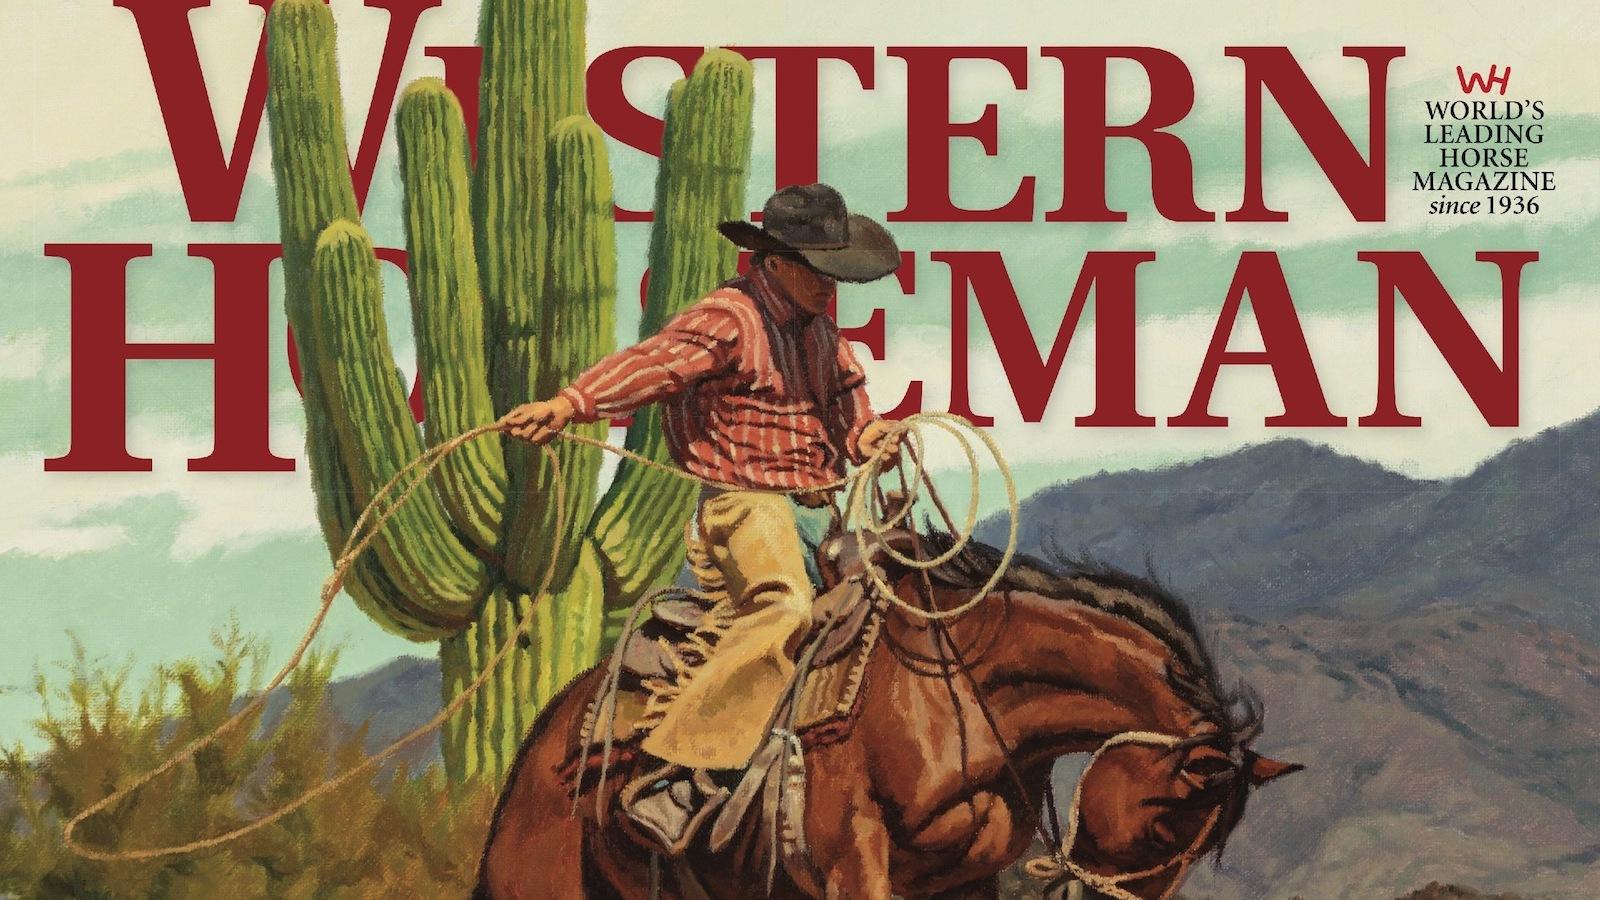 Western Horseman magazine September 2020 cover snippet